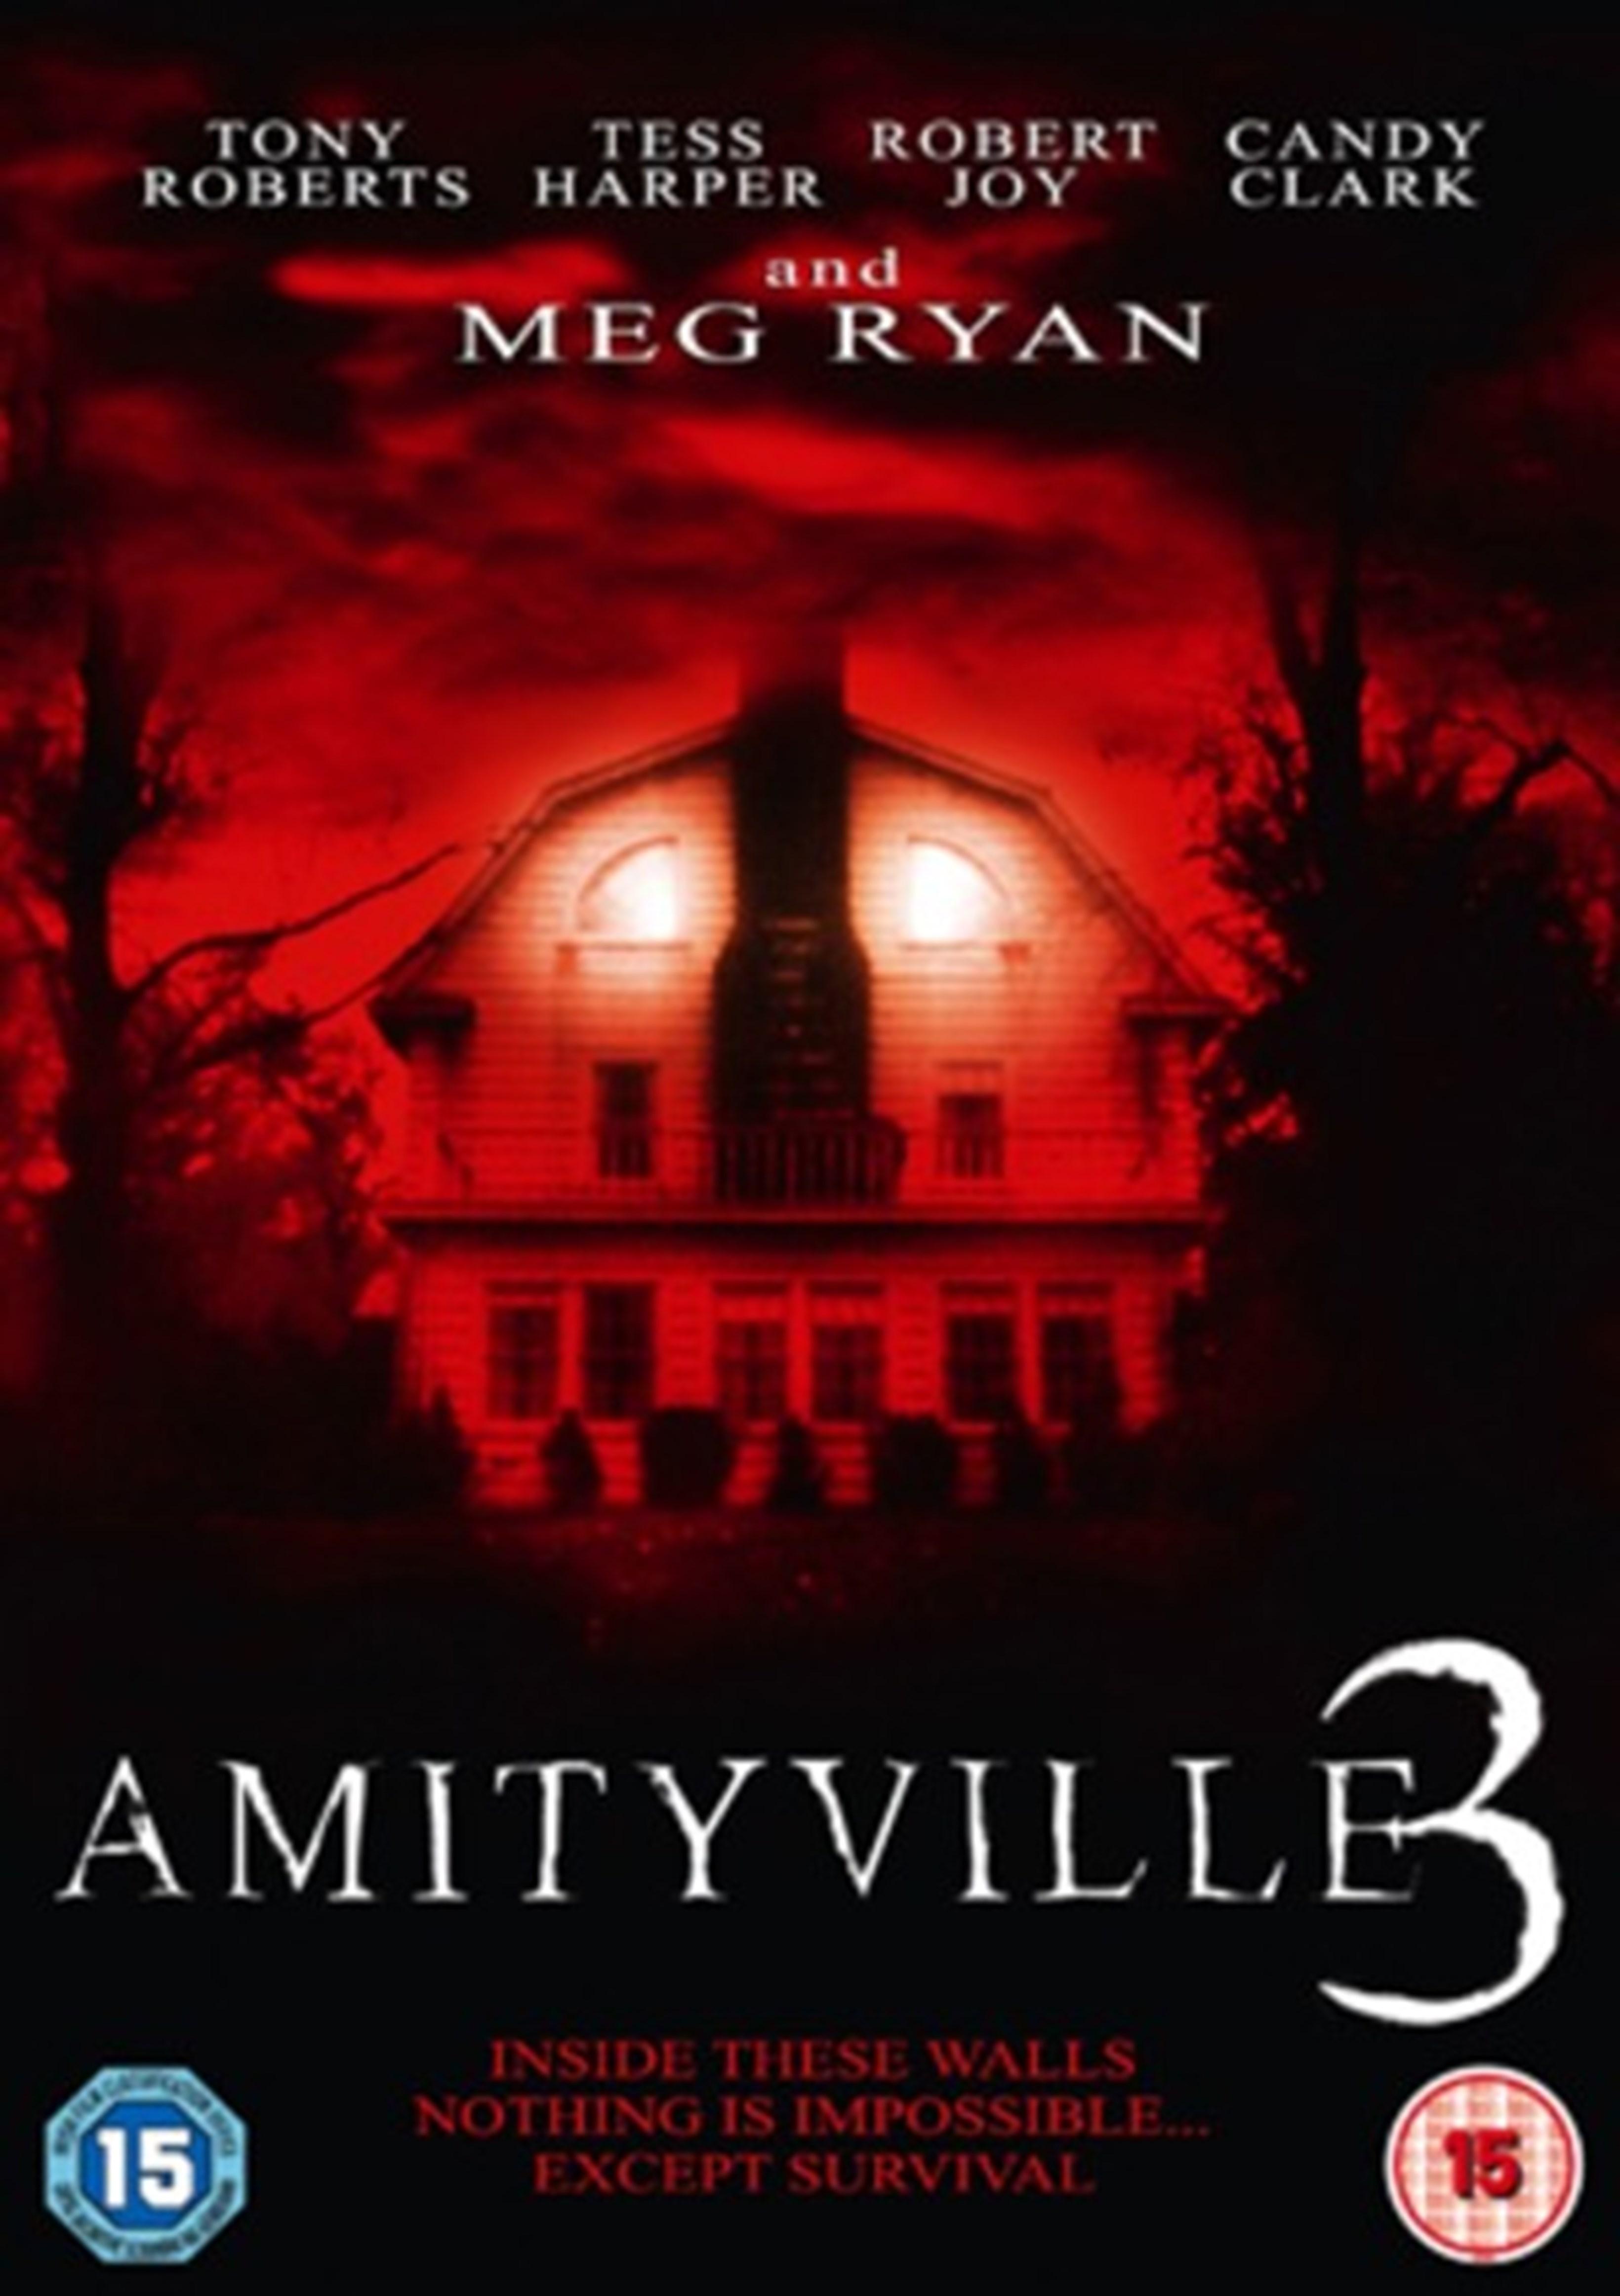 Amityville 3 - 1